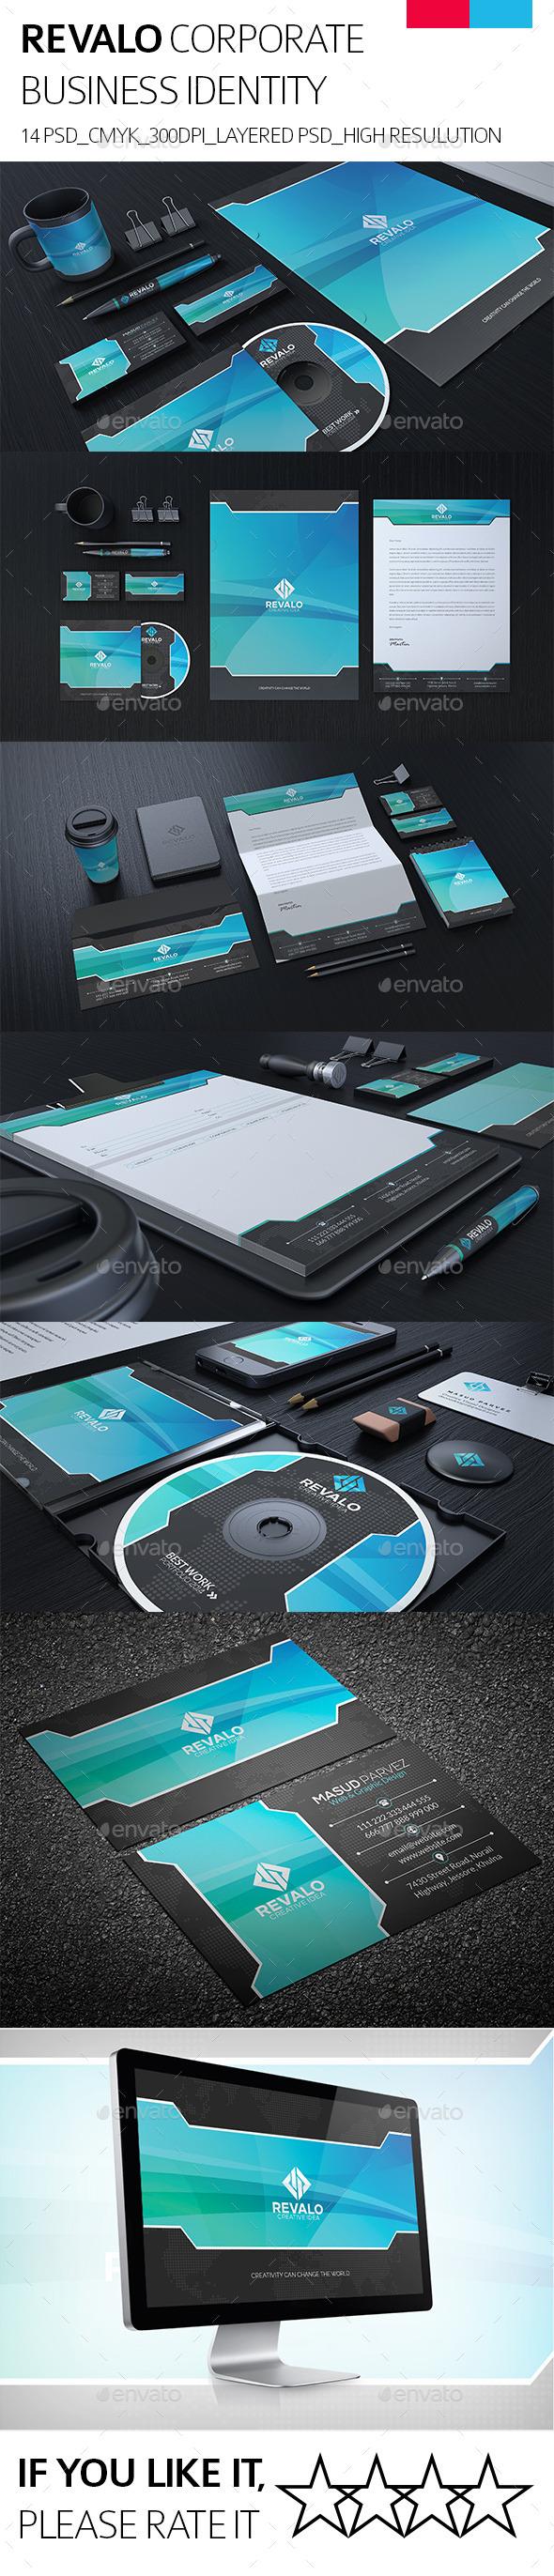 GraphicRiver Revalo Corporate Identity 9006787